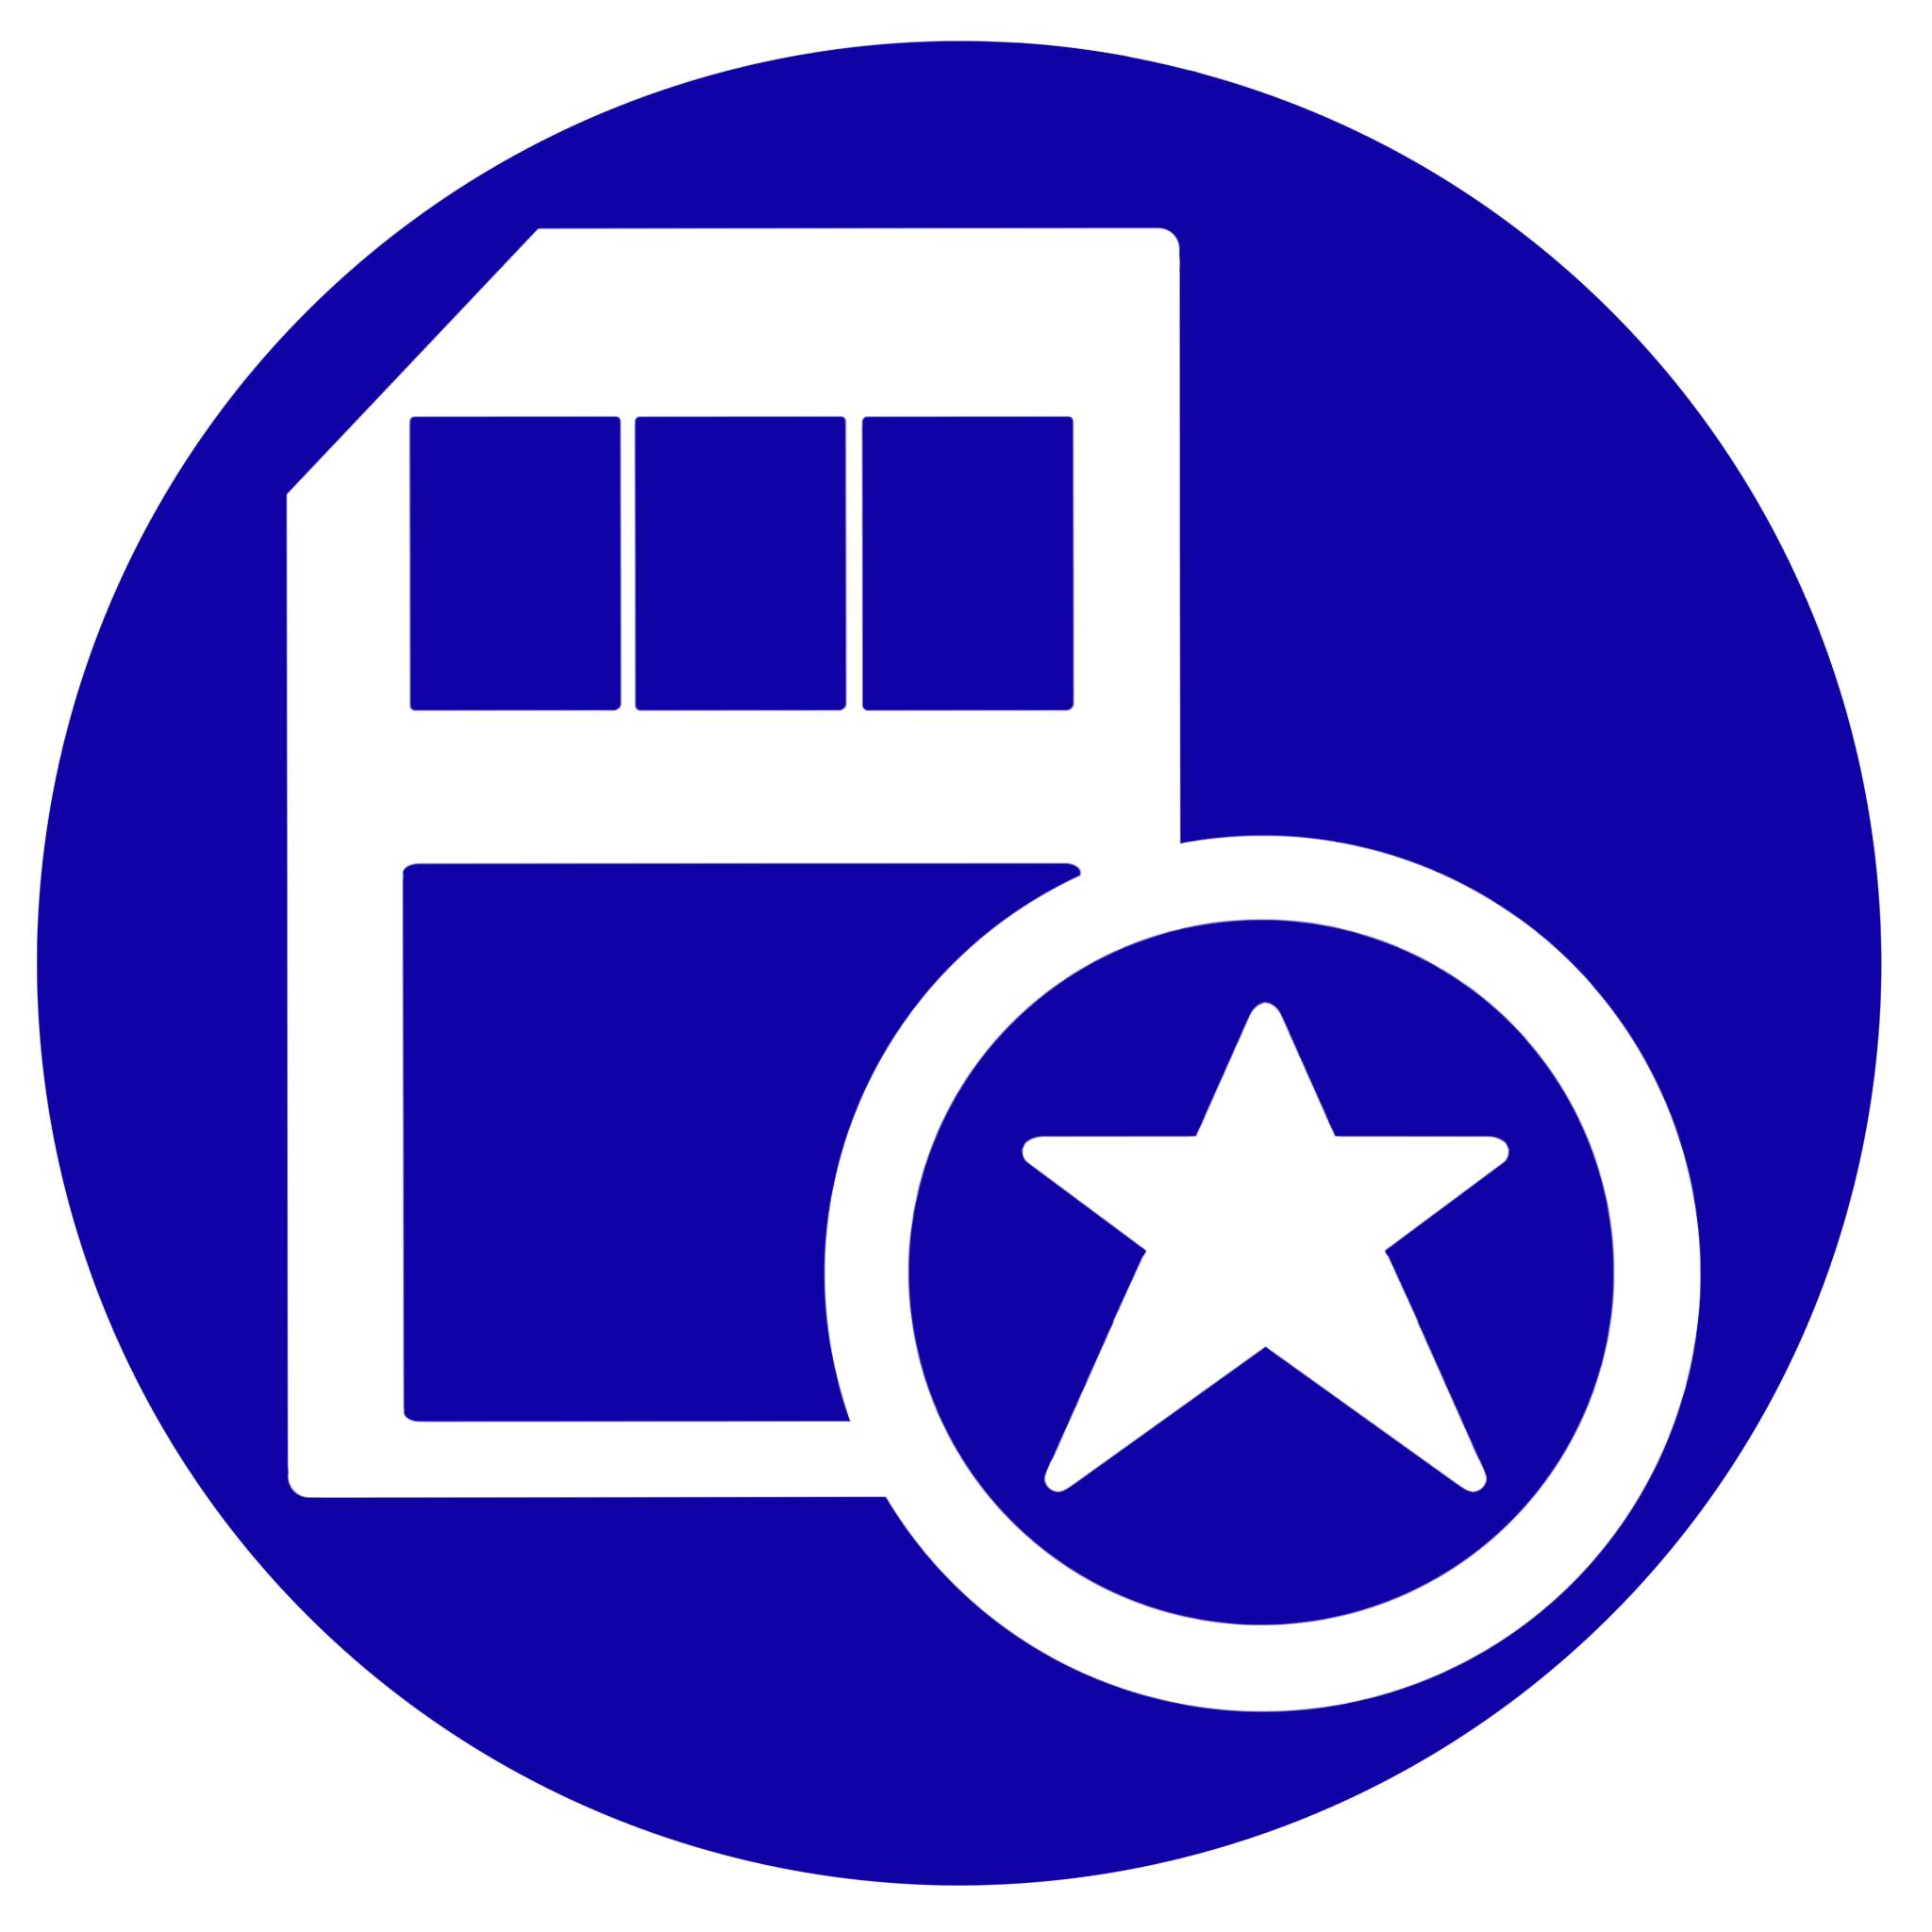 Icono que representa la Calidad de los Datos